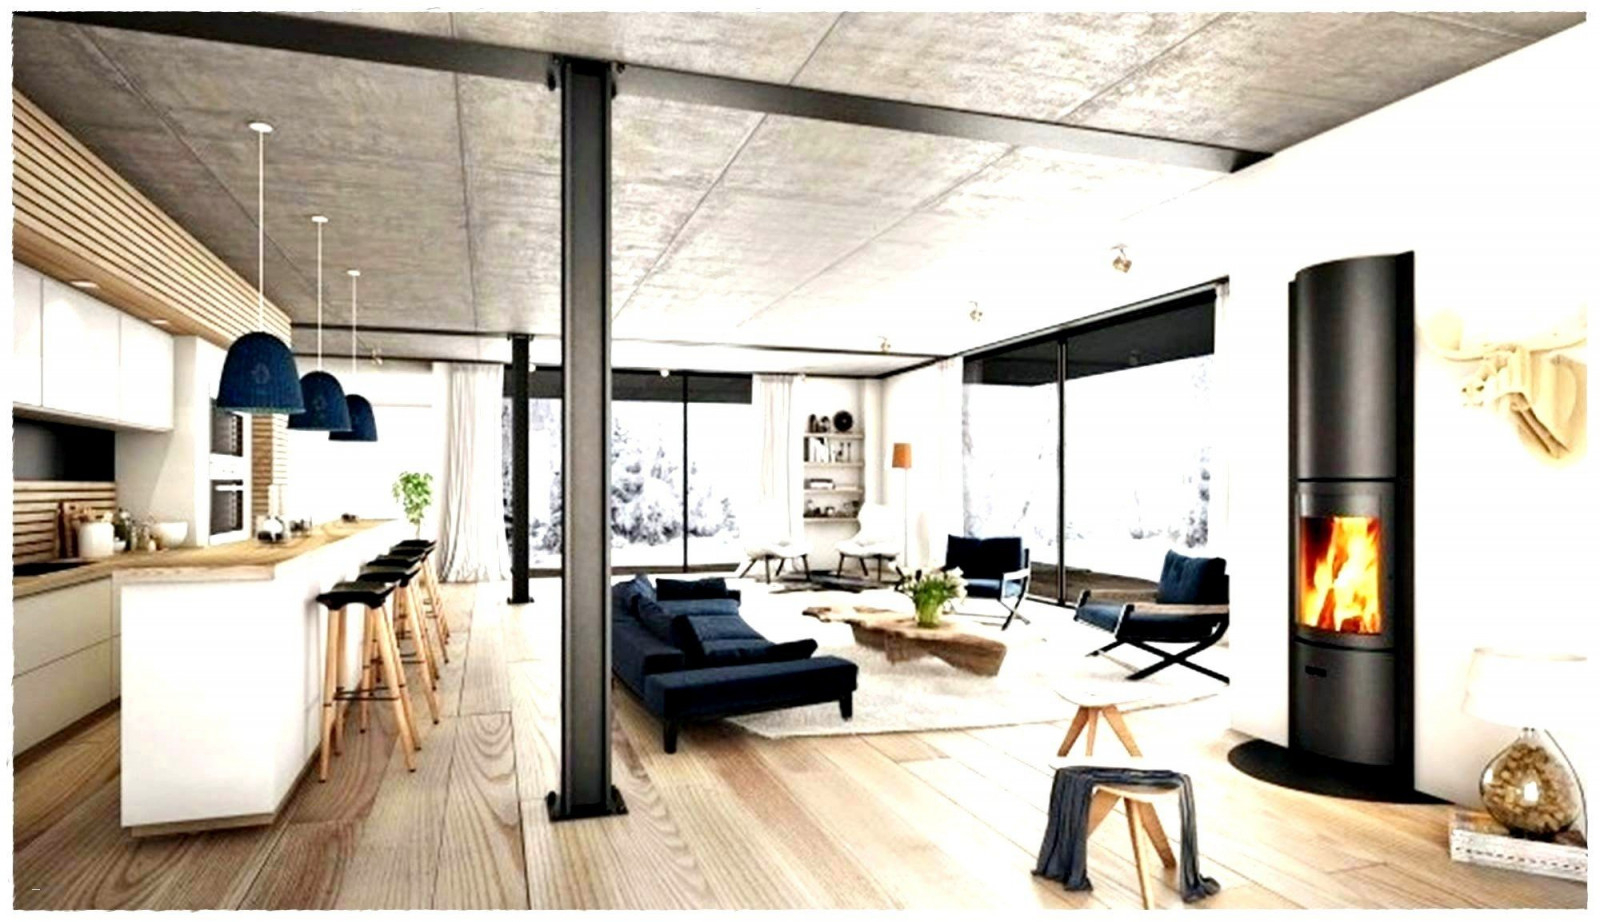 Großes Wohnzimmer Bild  Wohnzimmer Design Wohnzimmer von Ideen Großes Wohnzimmer Photo